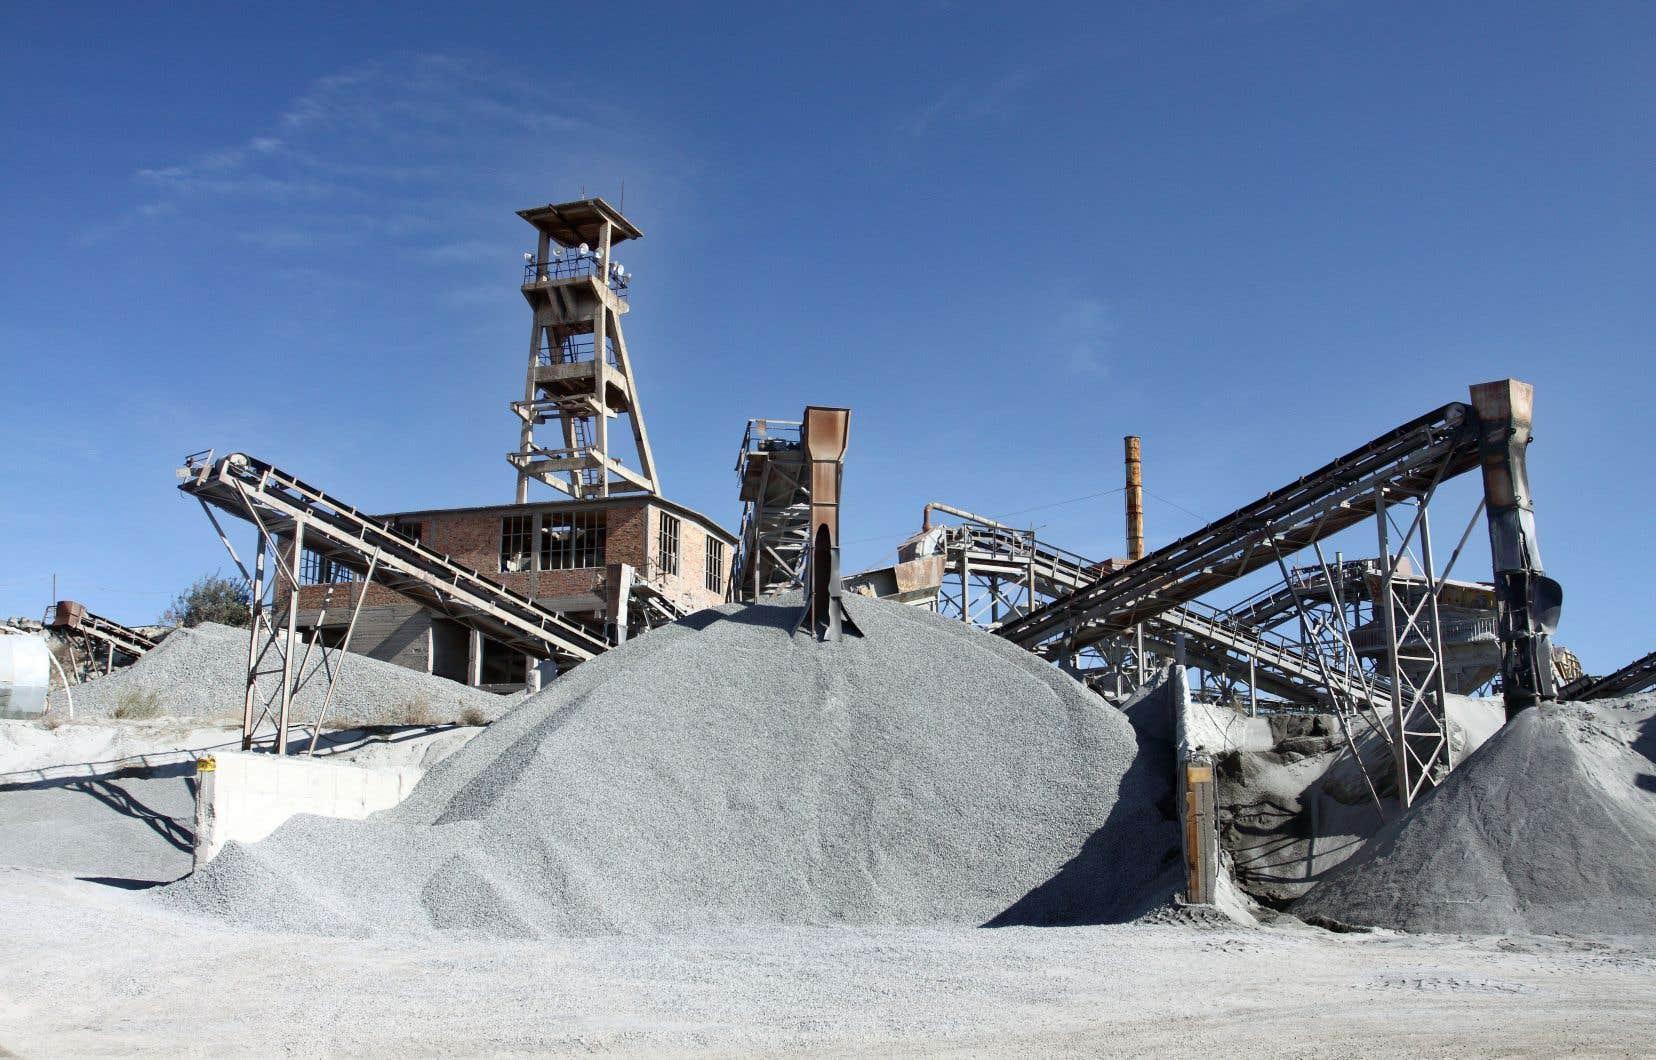 Le fonds a annoncé vendredi qu'il allait investir dans Solidia Technologies, une société de production de ciment et de béton dont la technologie brevetée permet de générer moins d'émissions.